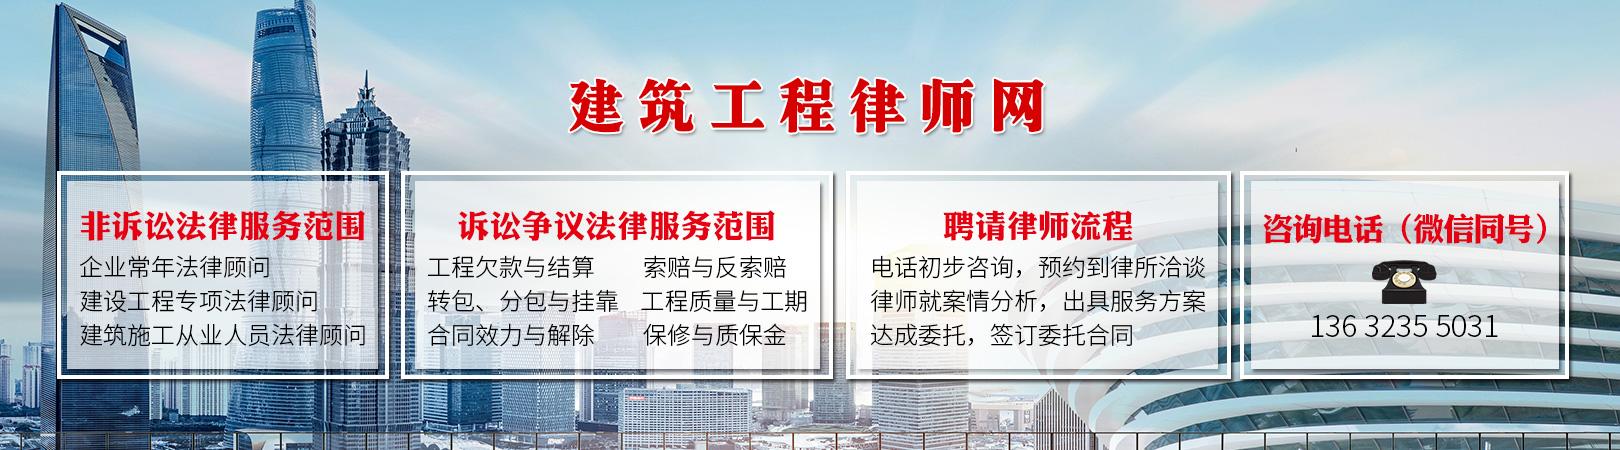 广州建设工程合同效力律师